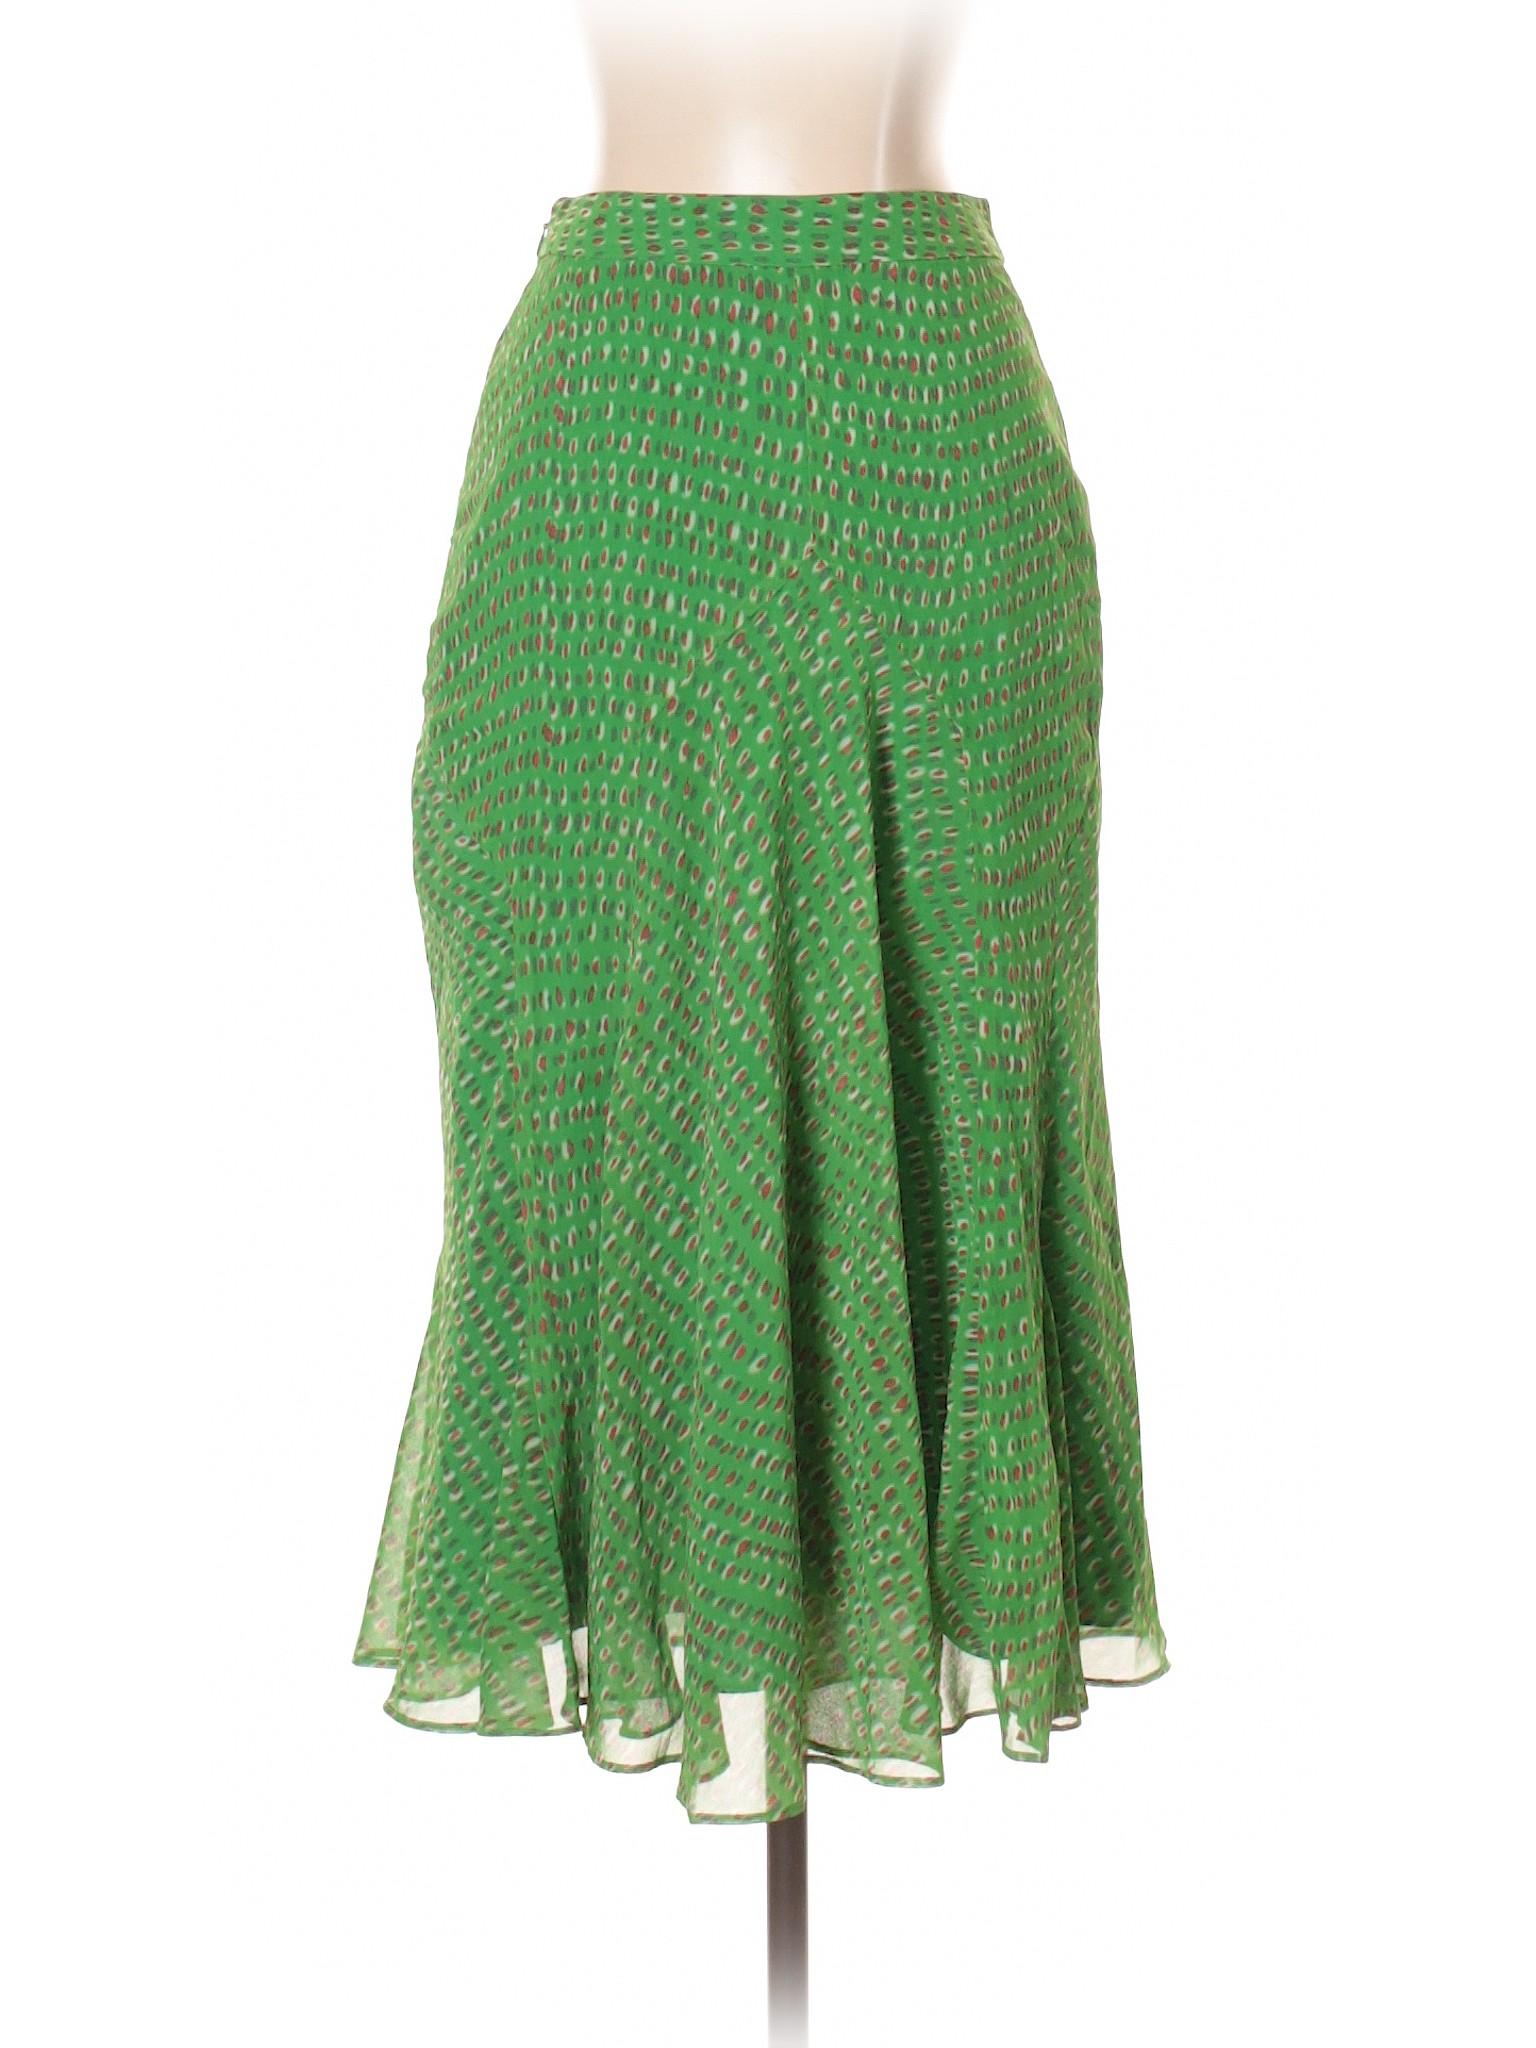 Boutique Skirt Casual Boutique Casual Boutique Skirt Casual Skirt Boutique Boutique Skirt Casual FYqdaxqP